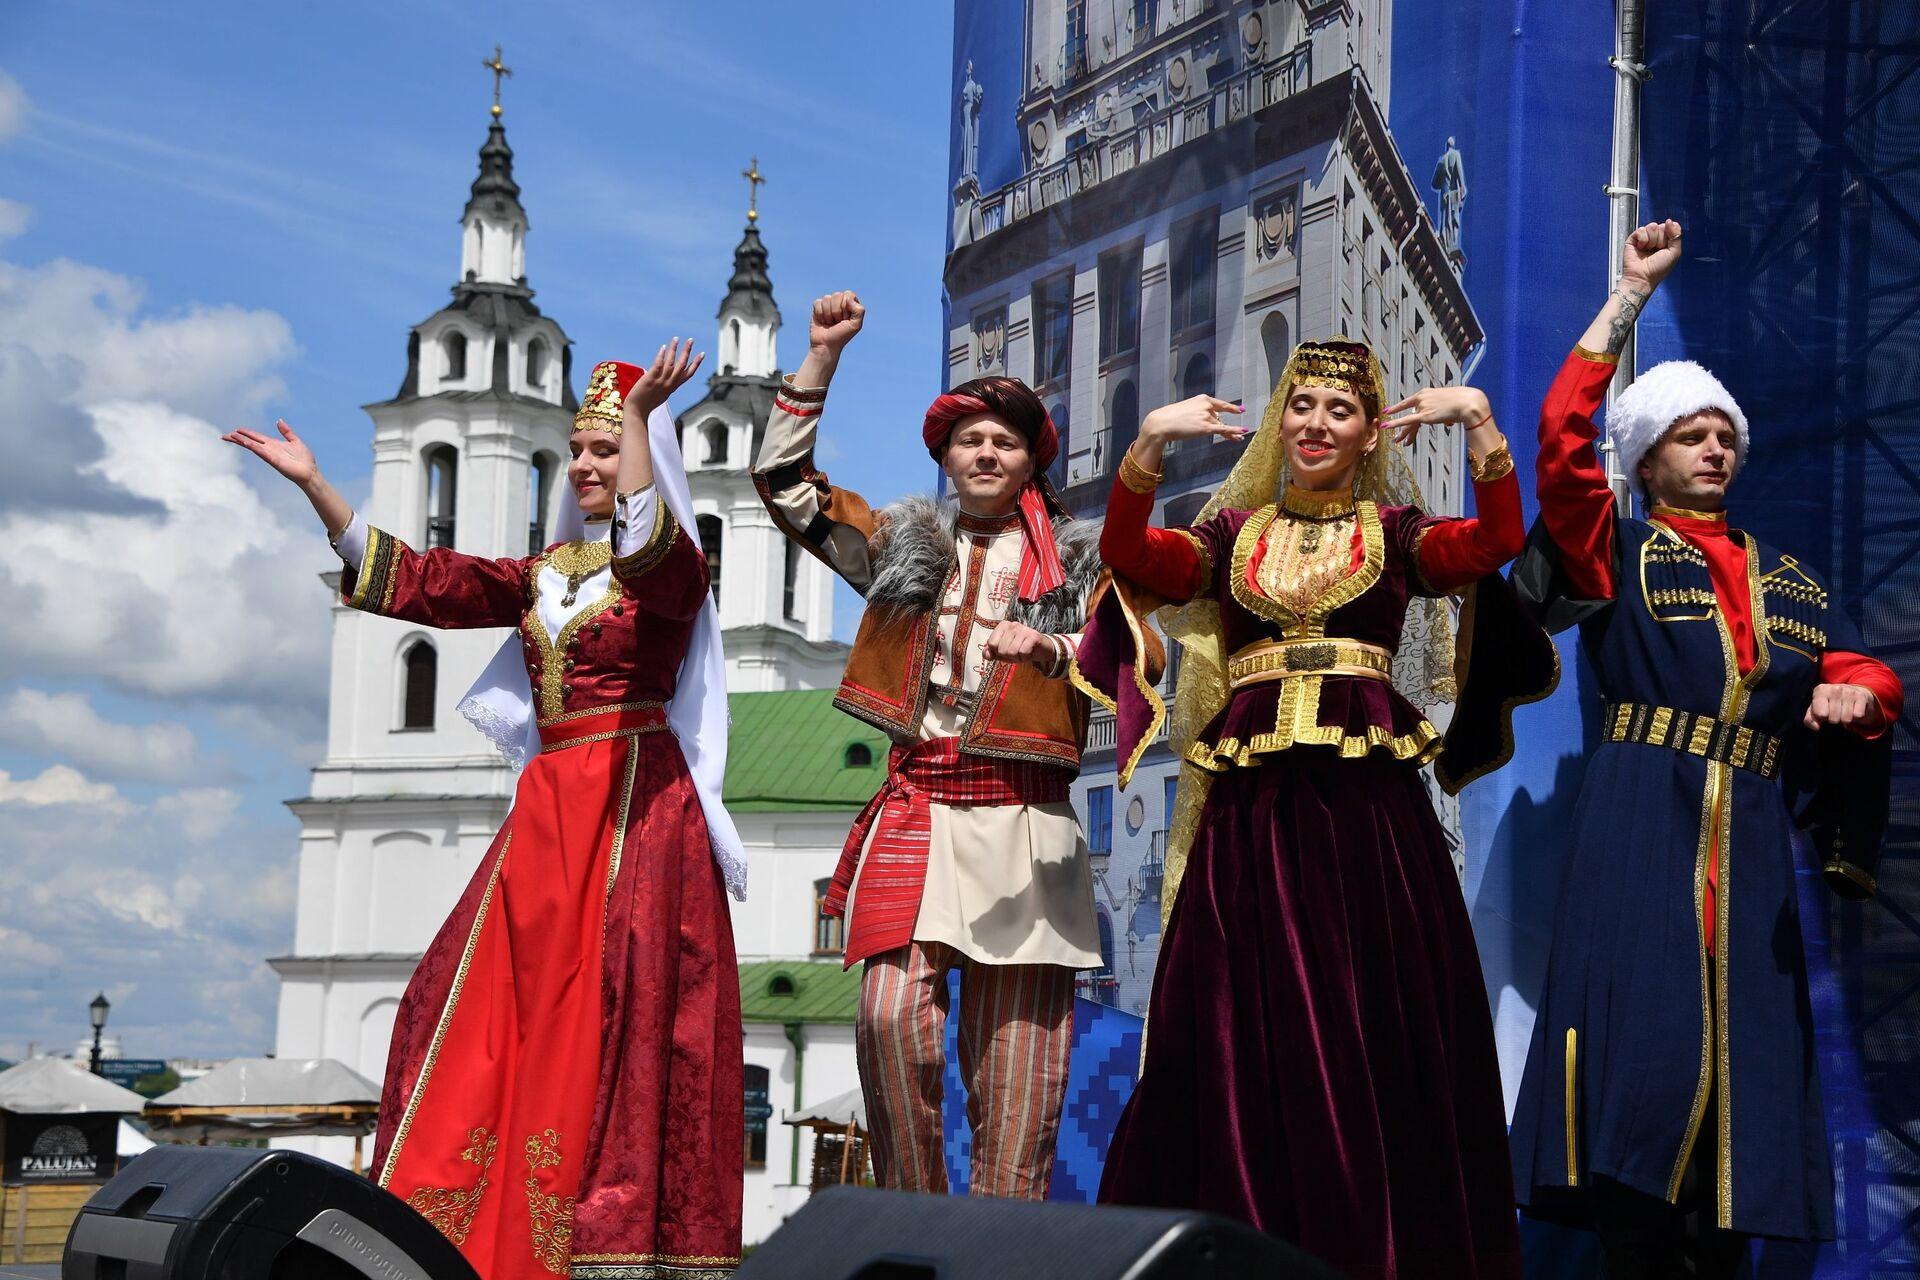 Фестиваль культур стран СНГ проходит в Верхнем городе в Минске - Sputnik Беларусь, 1920, 29.06.2021